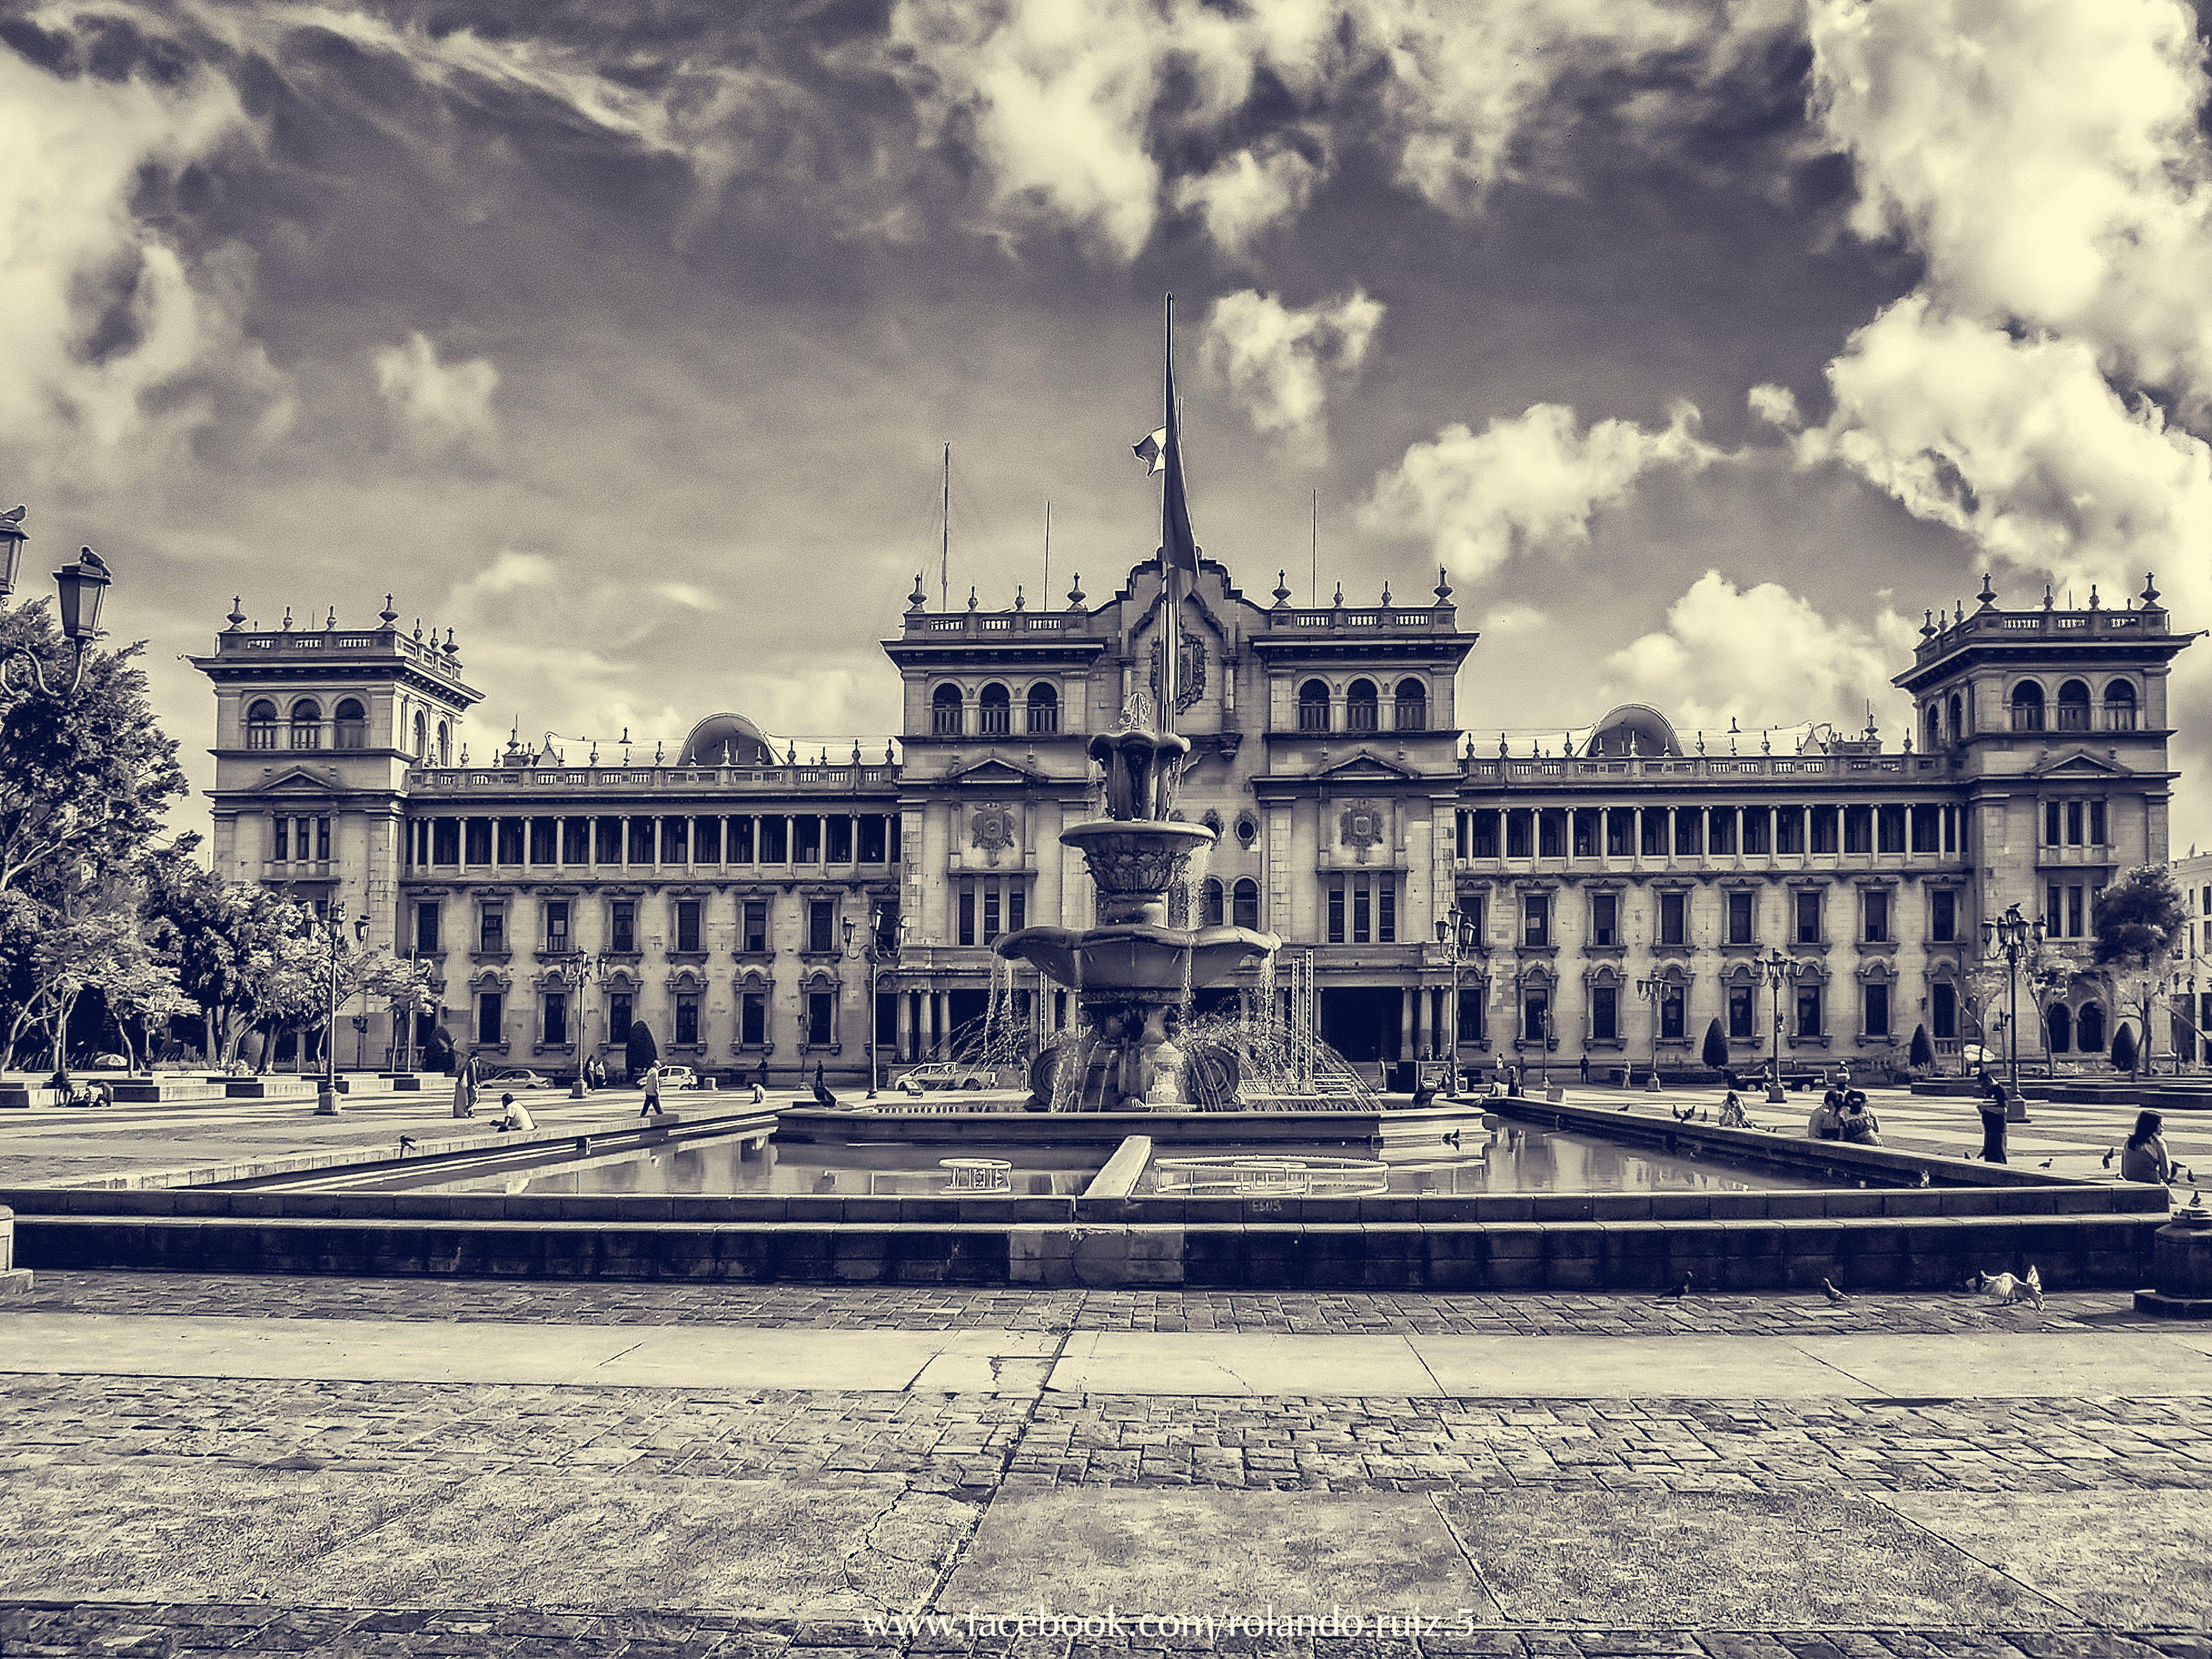 Palacio Nacional Uno De Los Monumentos Mas Emblematicos De Mi Querida Guatemala Guatemala Landmarks Building